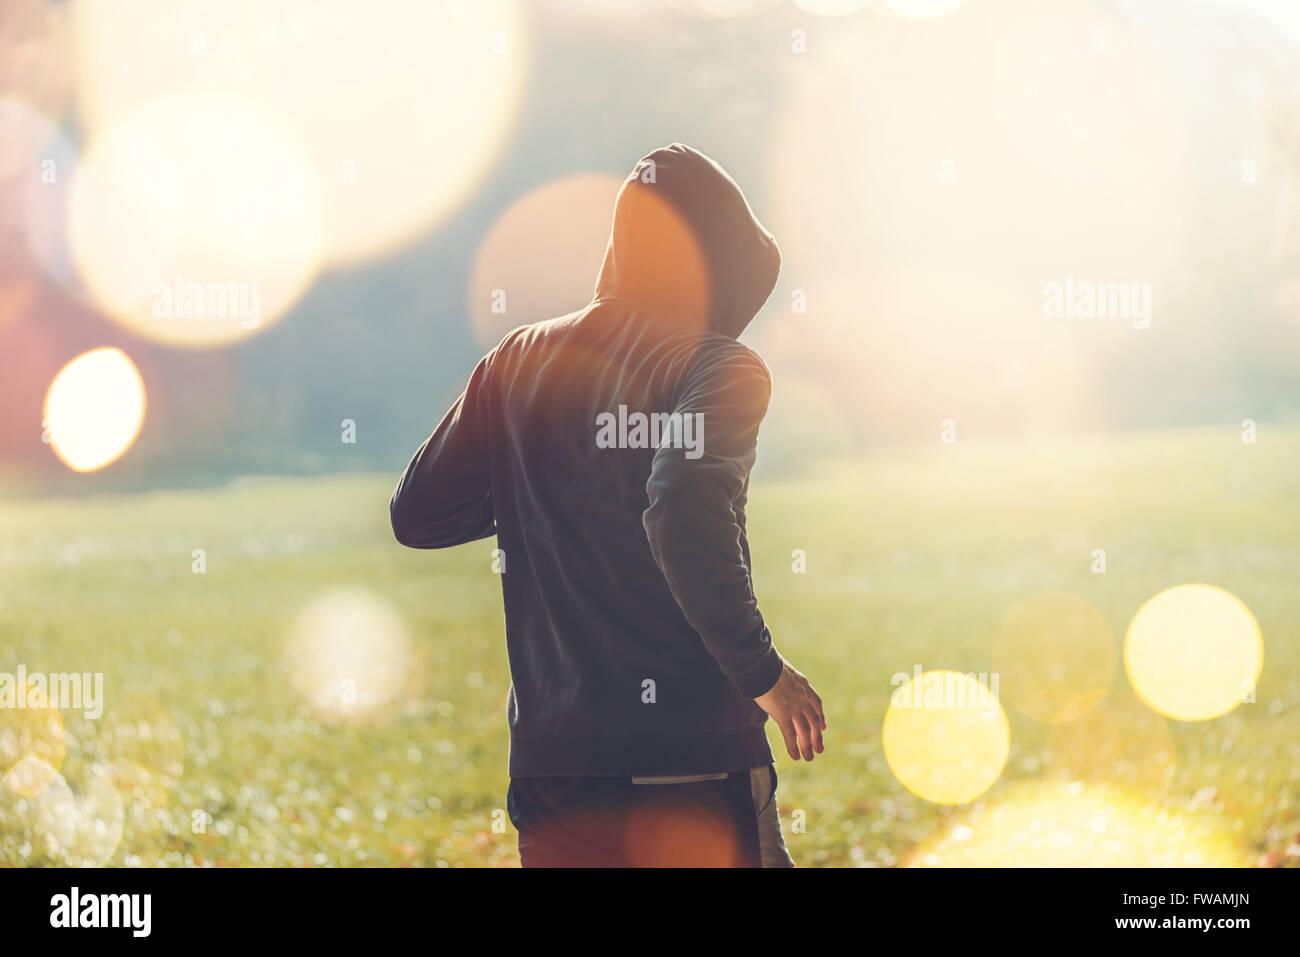 Irreconocible encapuchado trotar al aire libre, vida sana actividad en el parque en otoño temprano por la mañana, Imagen De Stock